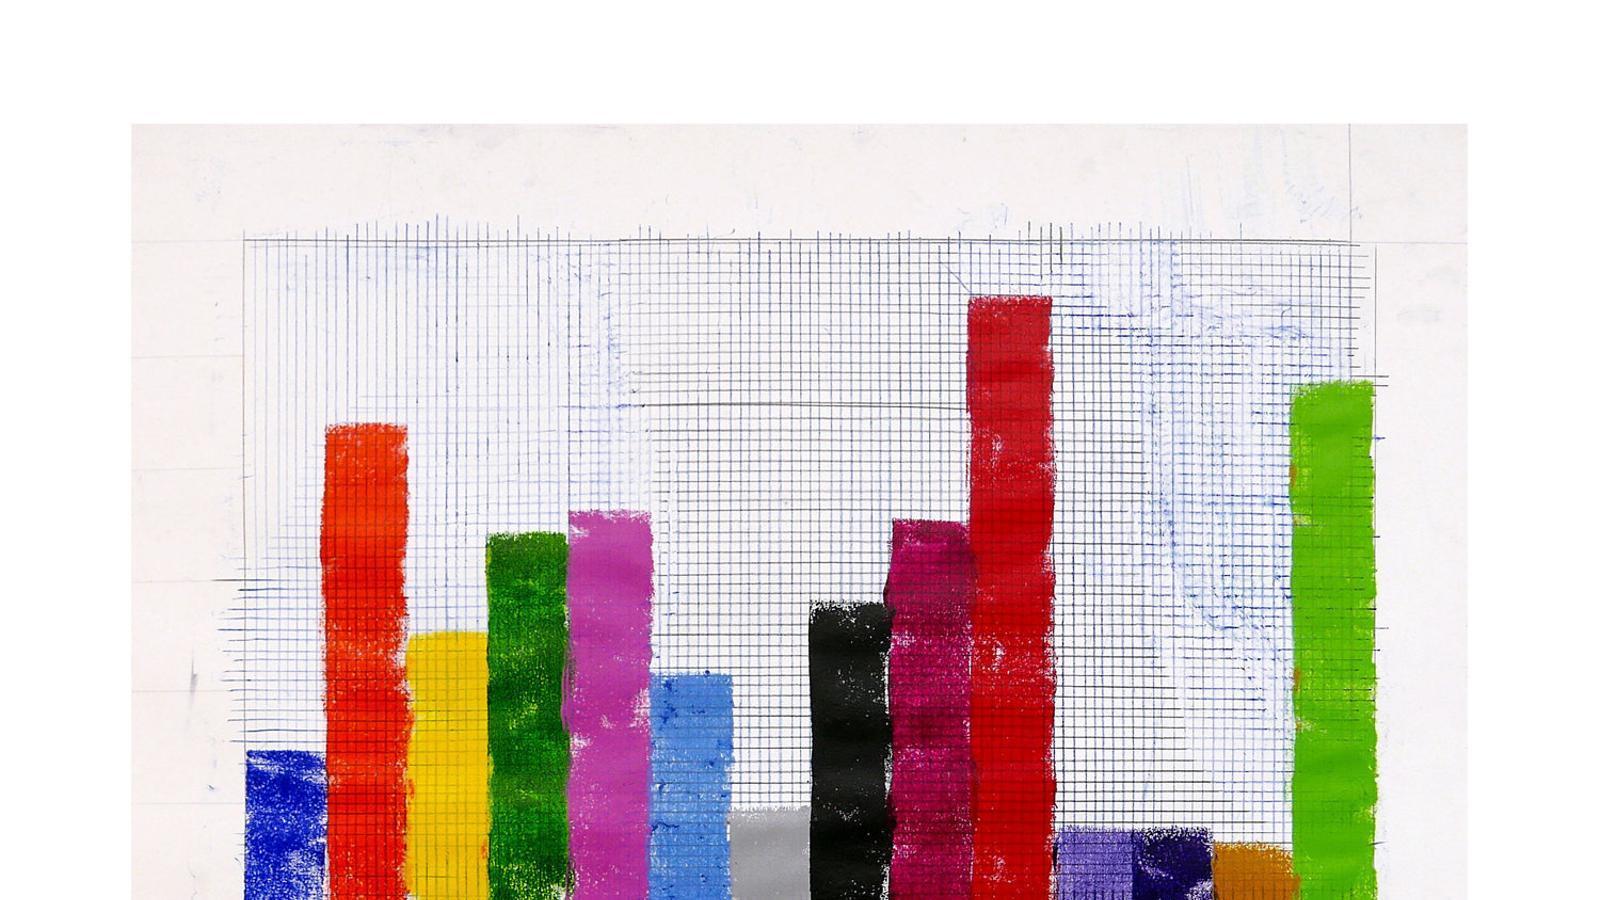 Retrat infogràfic fet amb la mitjana de les respostes dels deu entrevistats al llarg de les últimes deu setmanes.